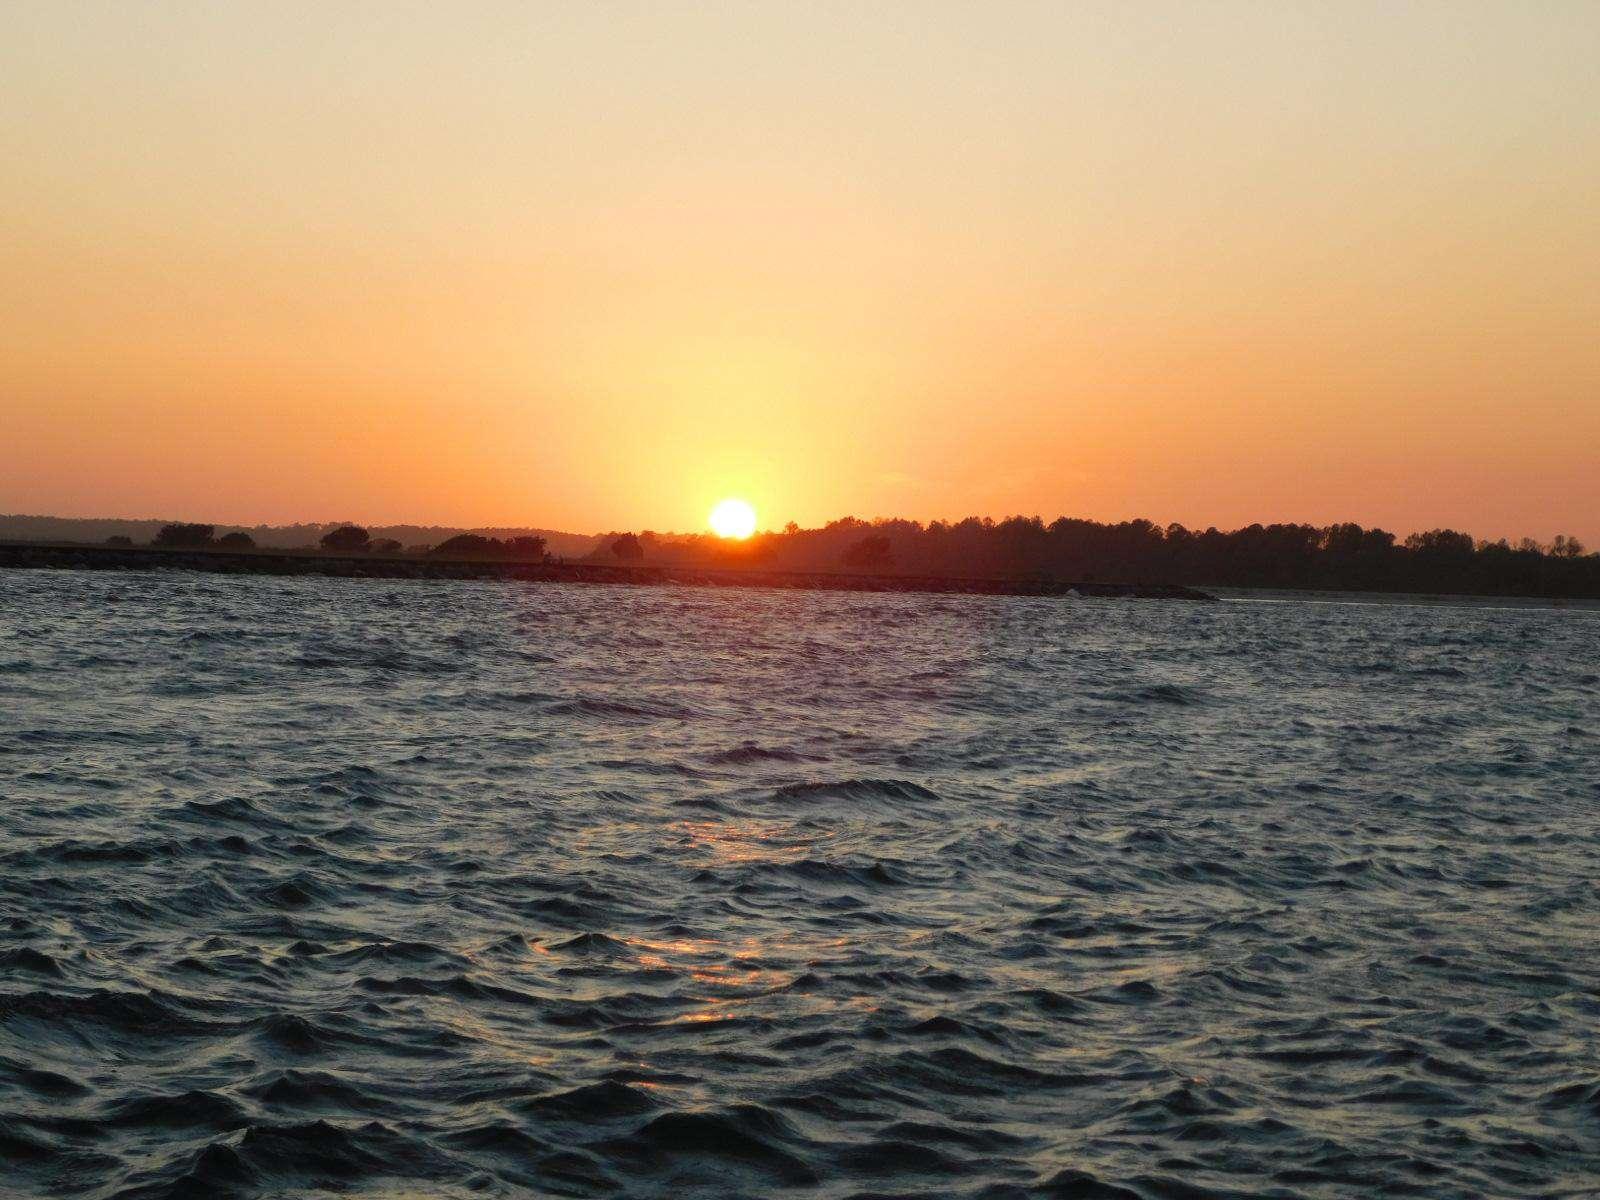 Beautiful sunset from Sunset cruise